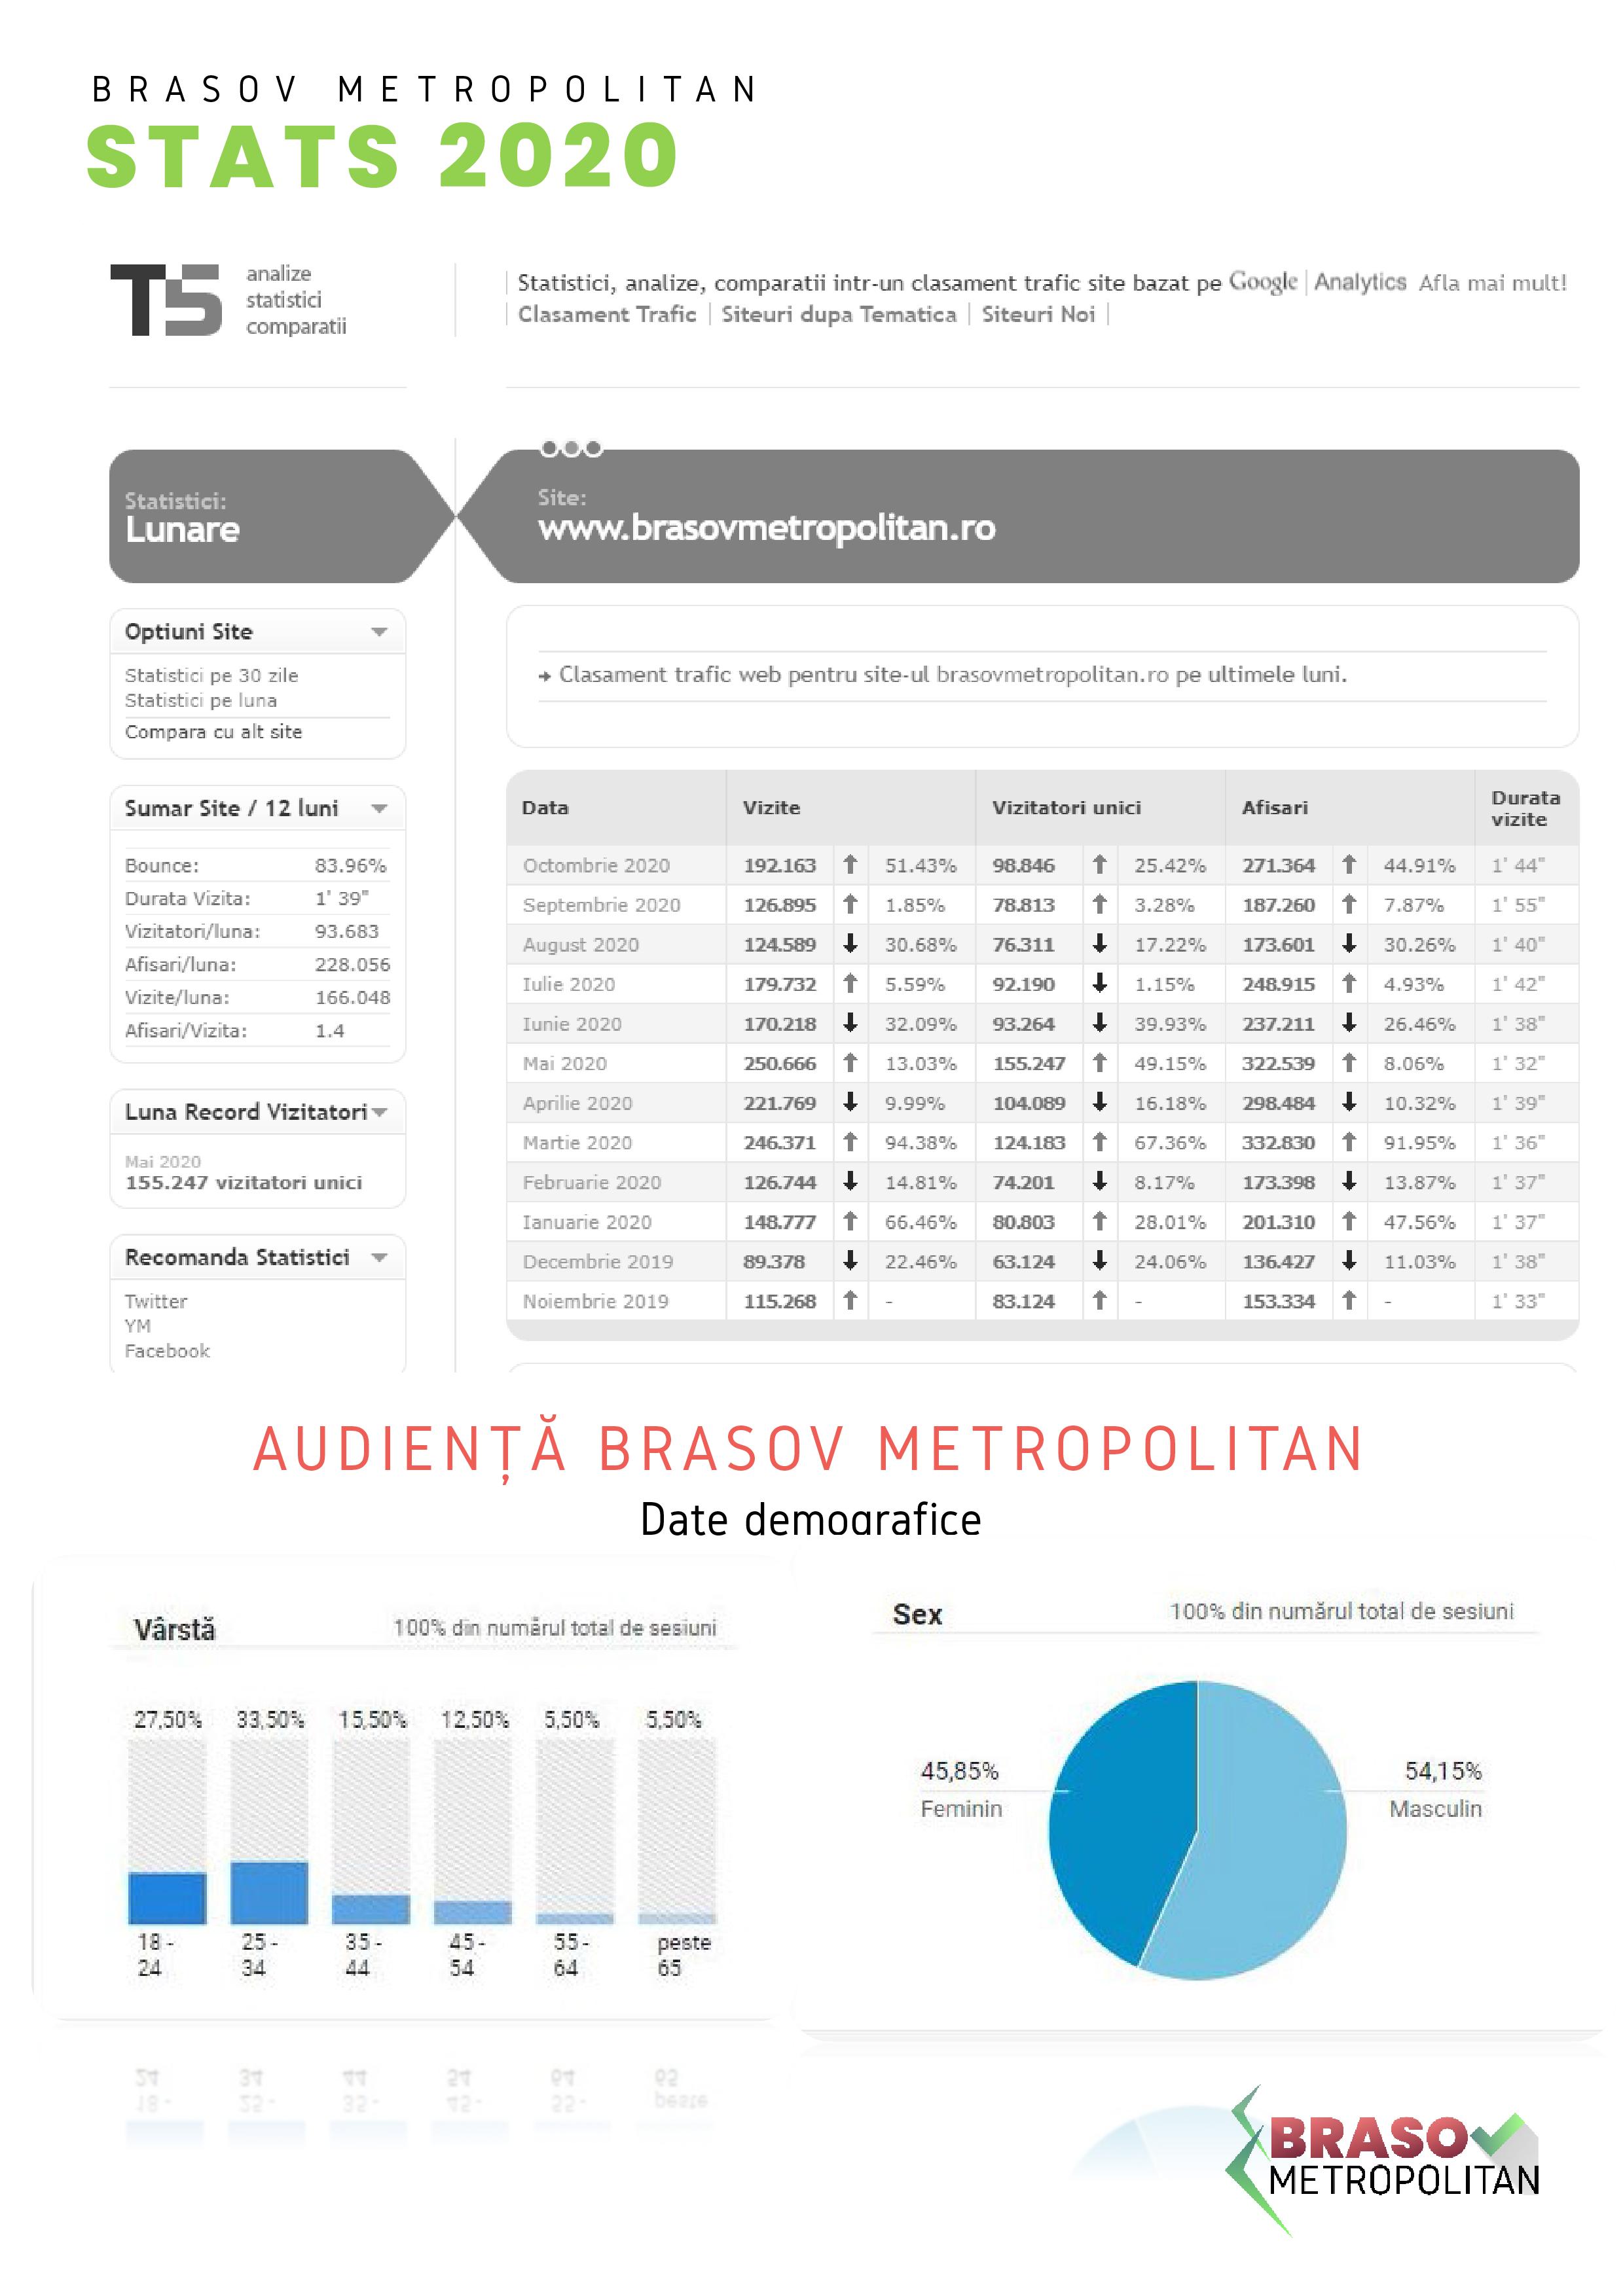 Brasov-metropolitane-RATE-MEDIA-Kit-orig-1-01